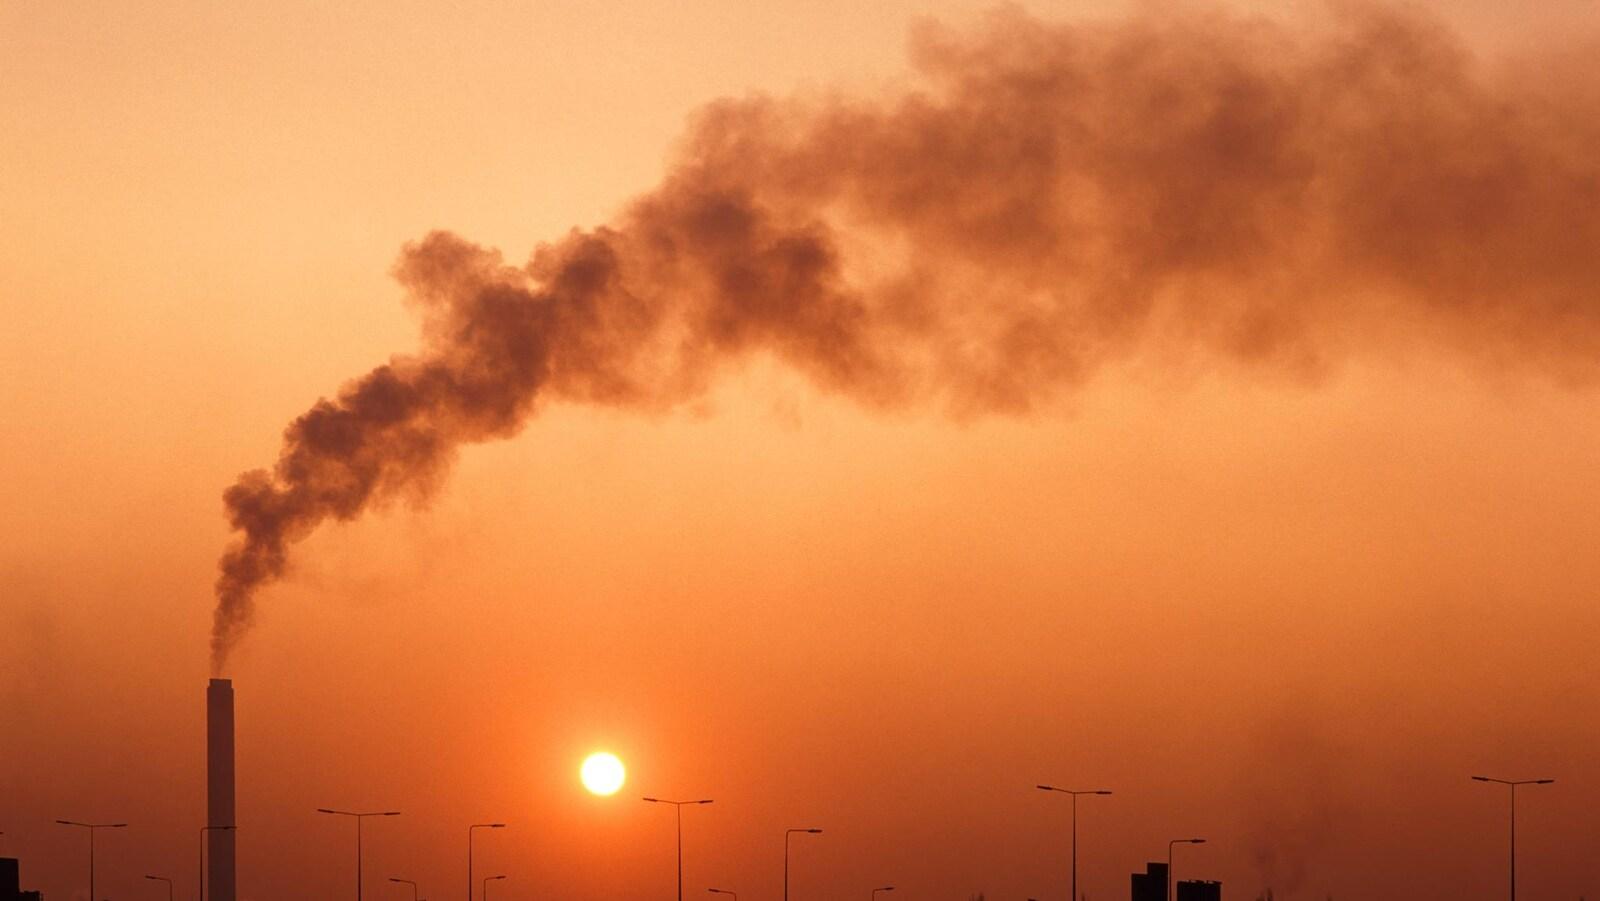 Un panache de fumée provenant d'une usine est poussé par le vent.